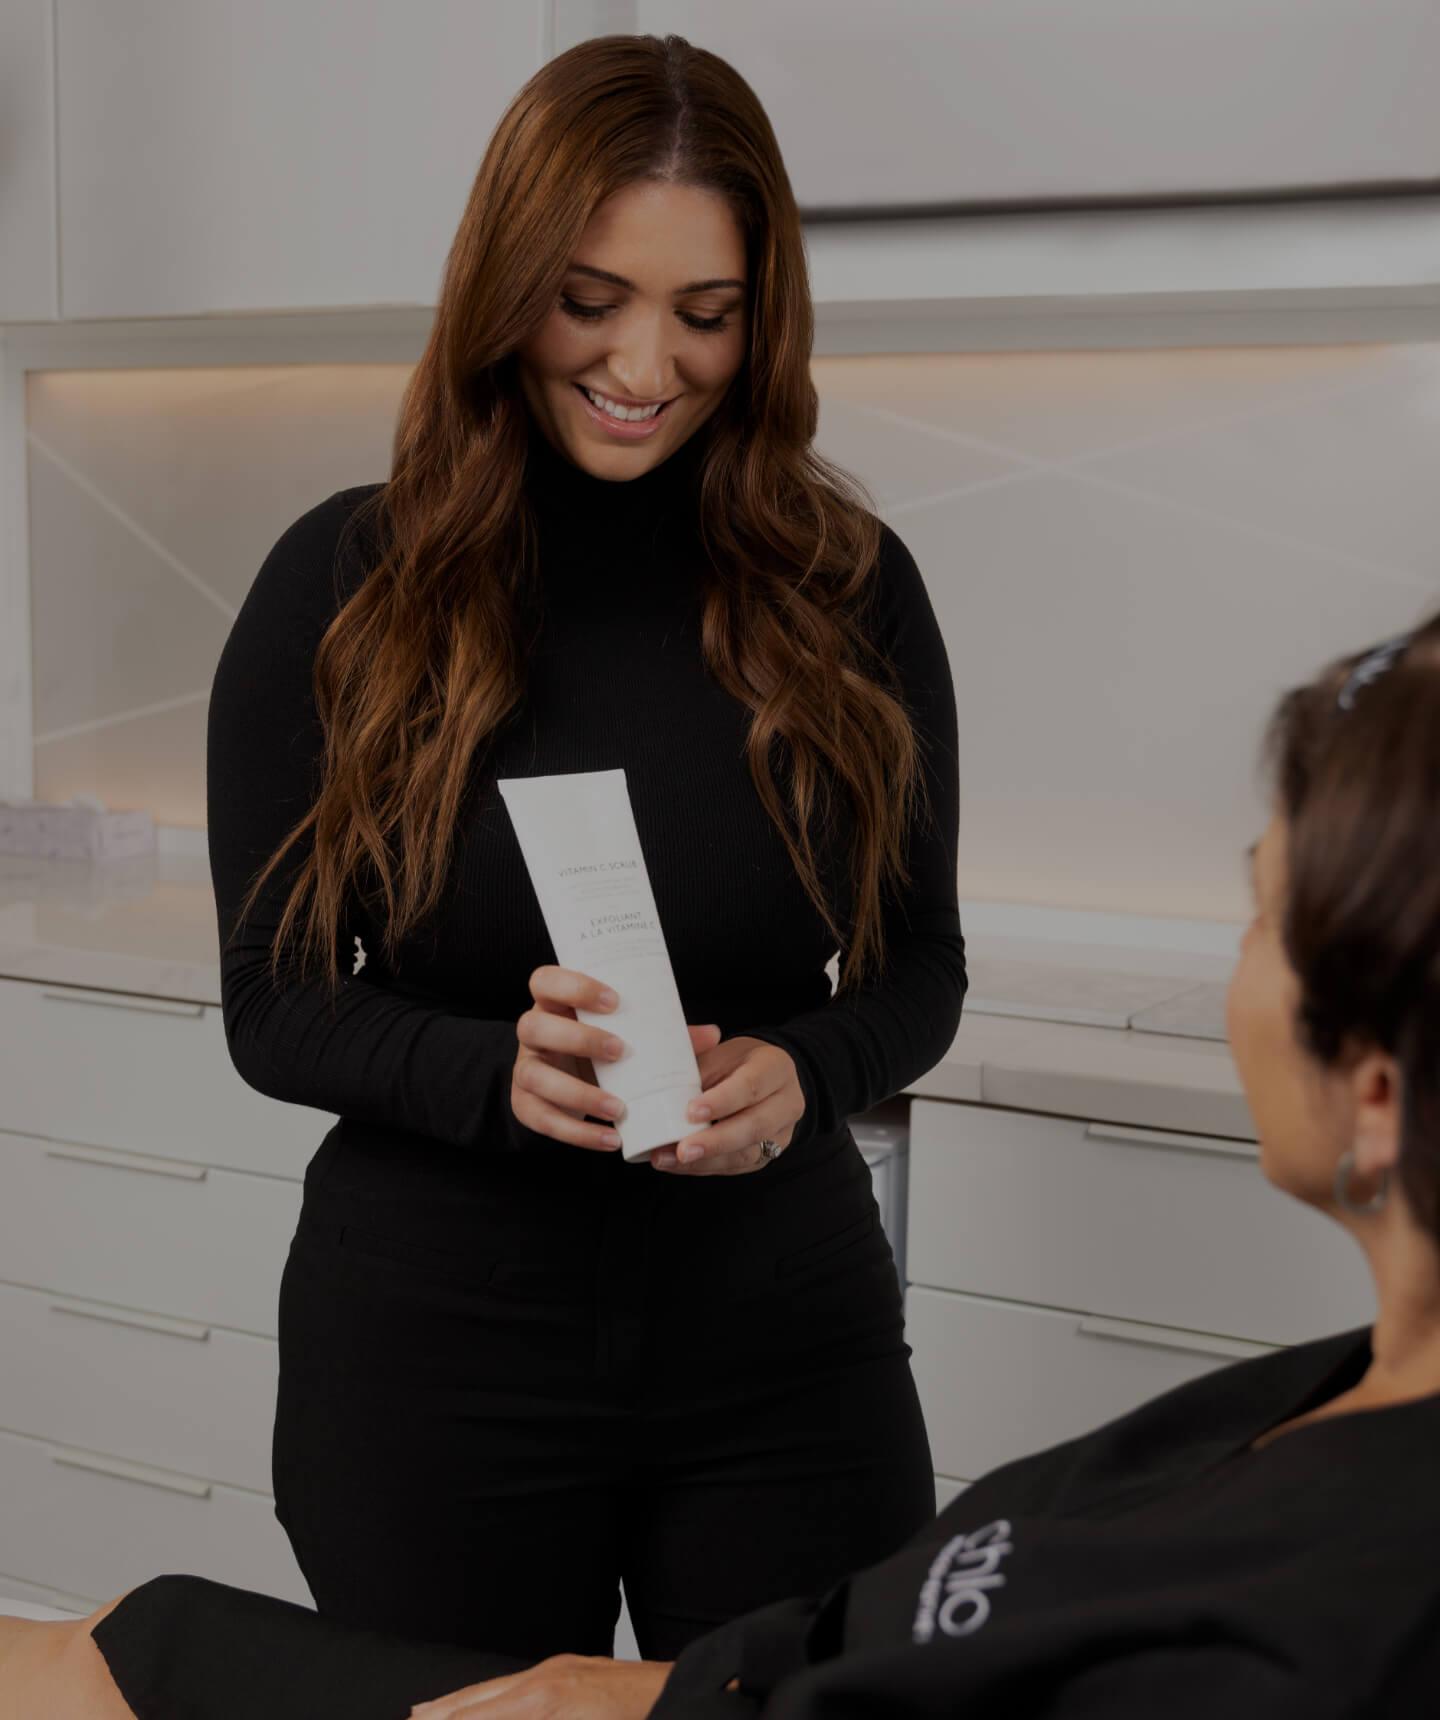 La technicienne médico-esthétique Sonia D'Antico conseillant sa patiente sur les bons produits pour la peau à utiliser